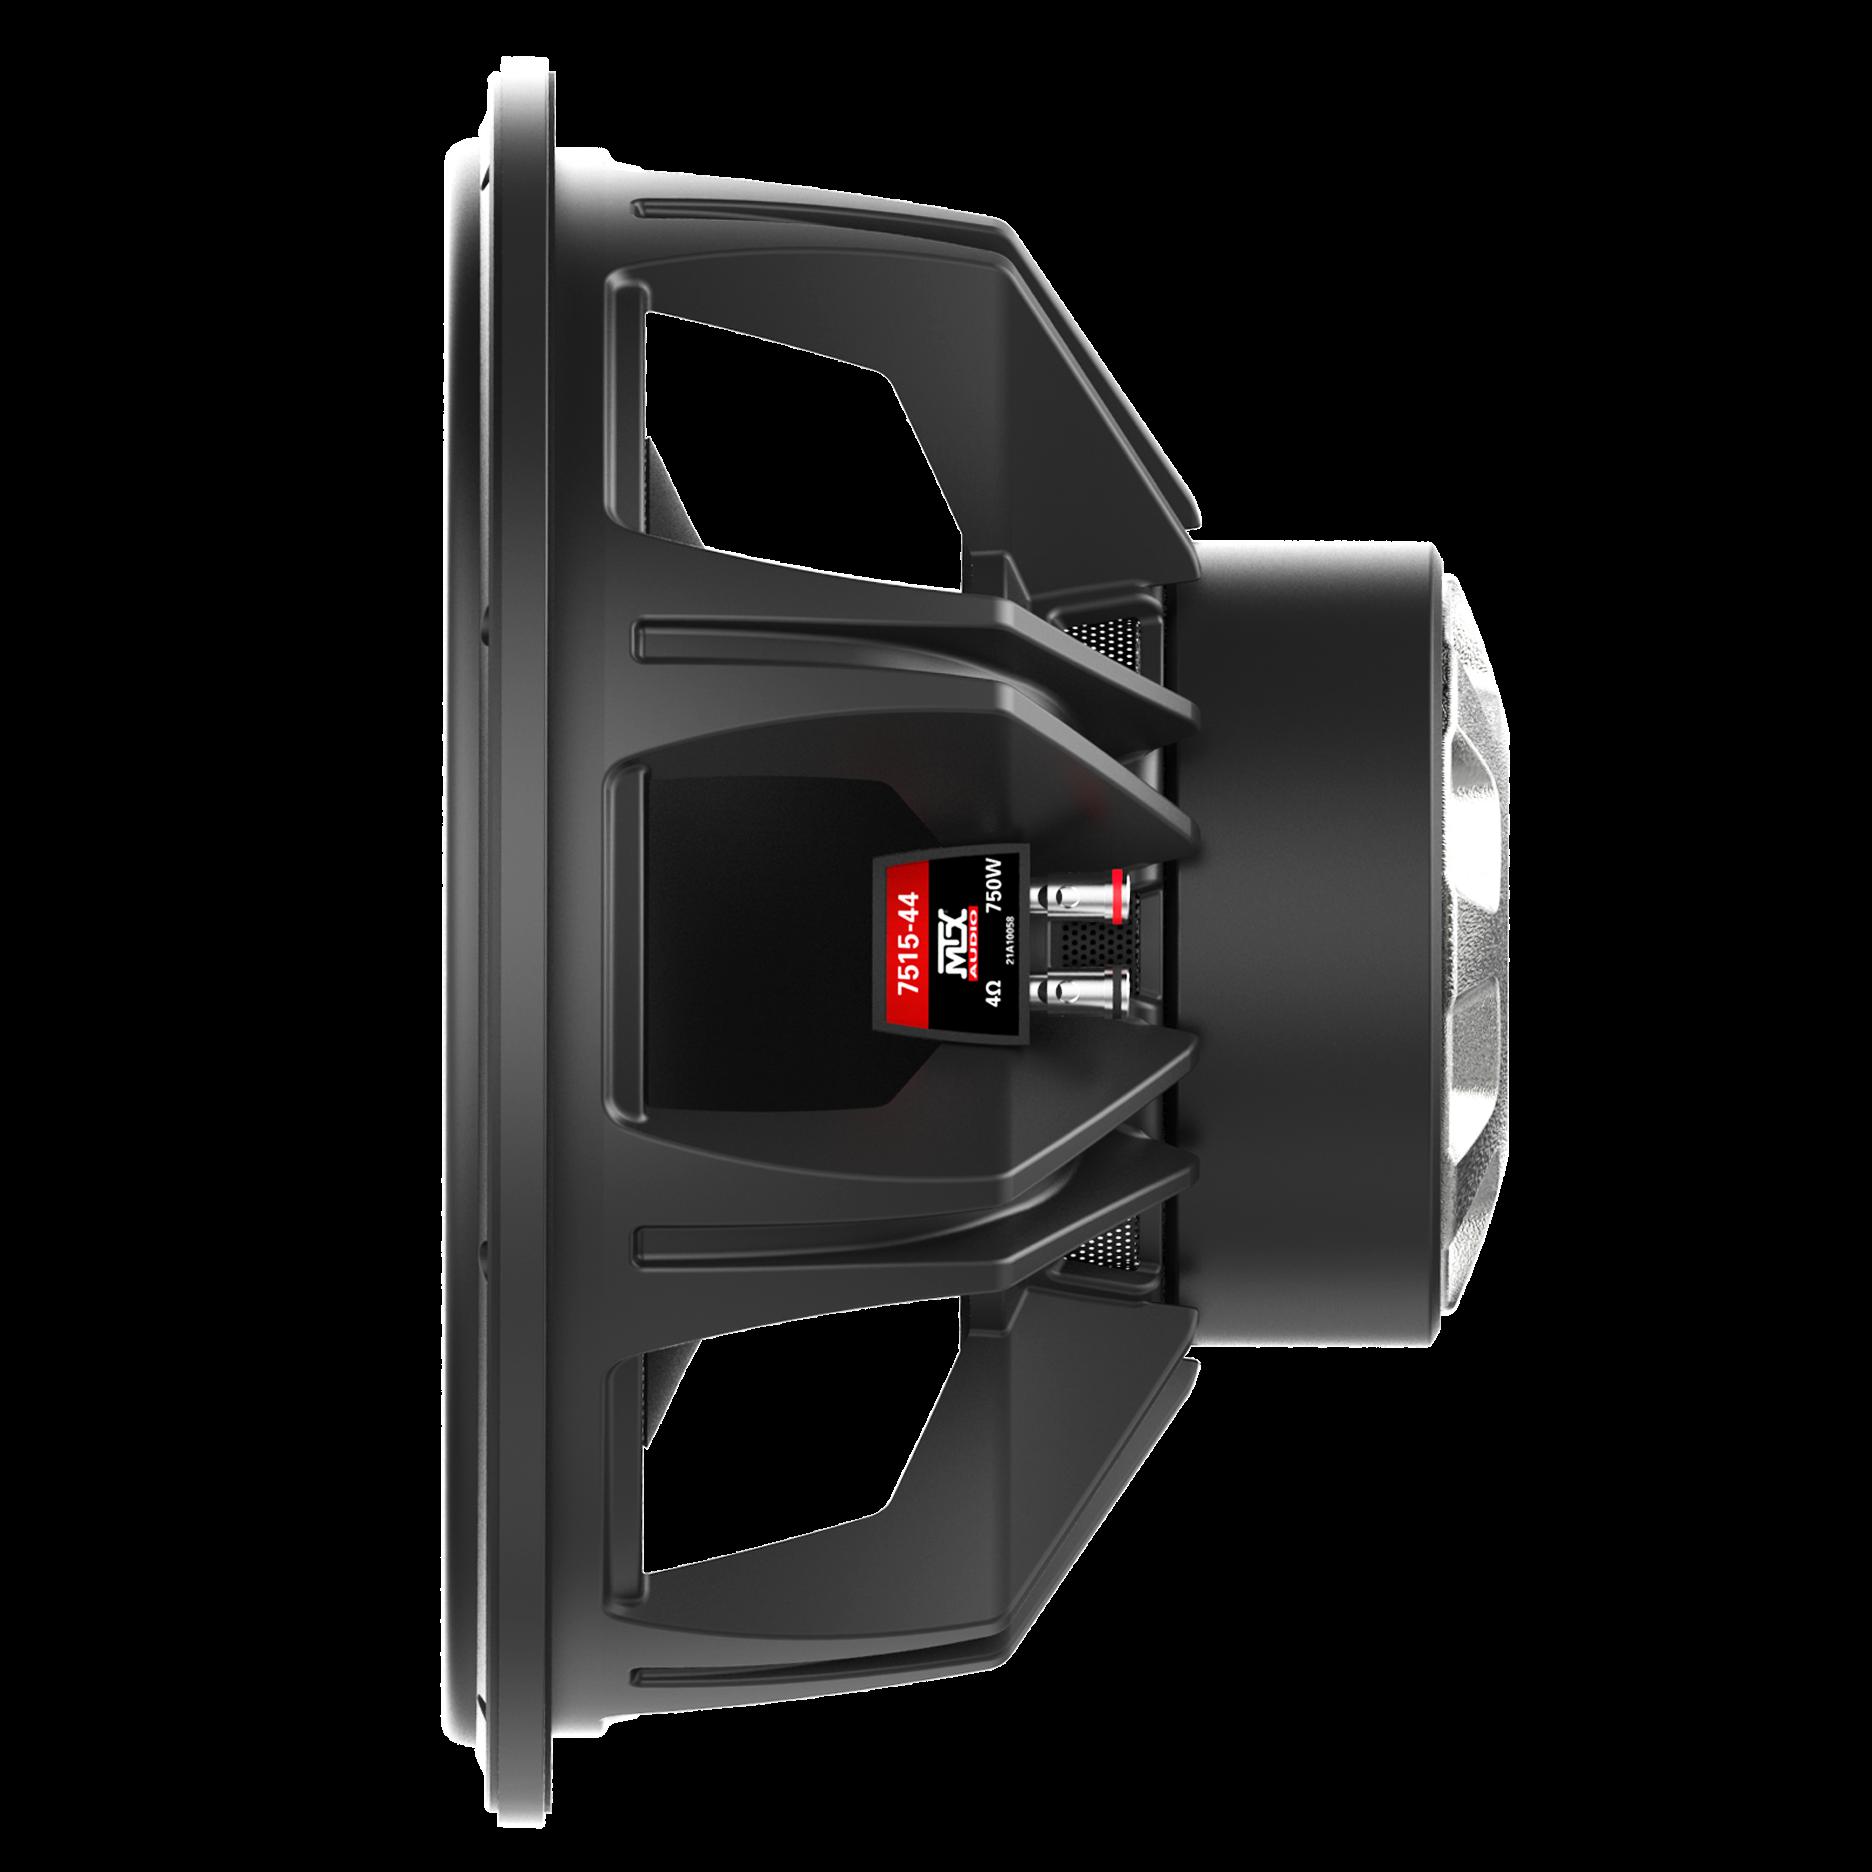 75 Series 15 Quot 4 Dual Voice Coil Subwoofer Mtx Audio